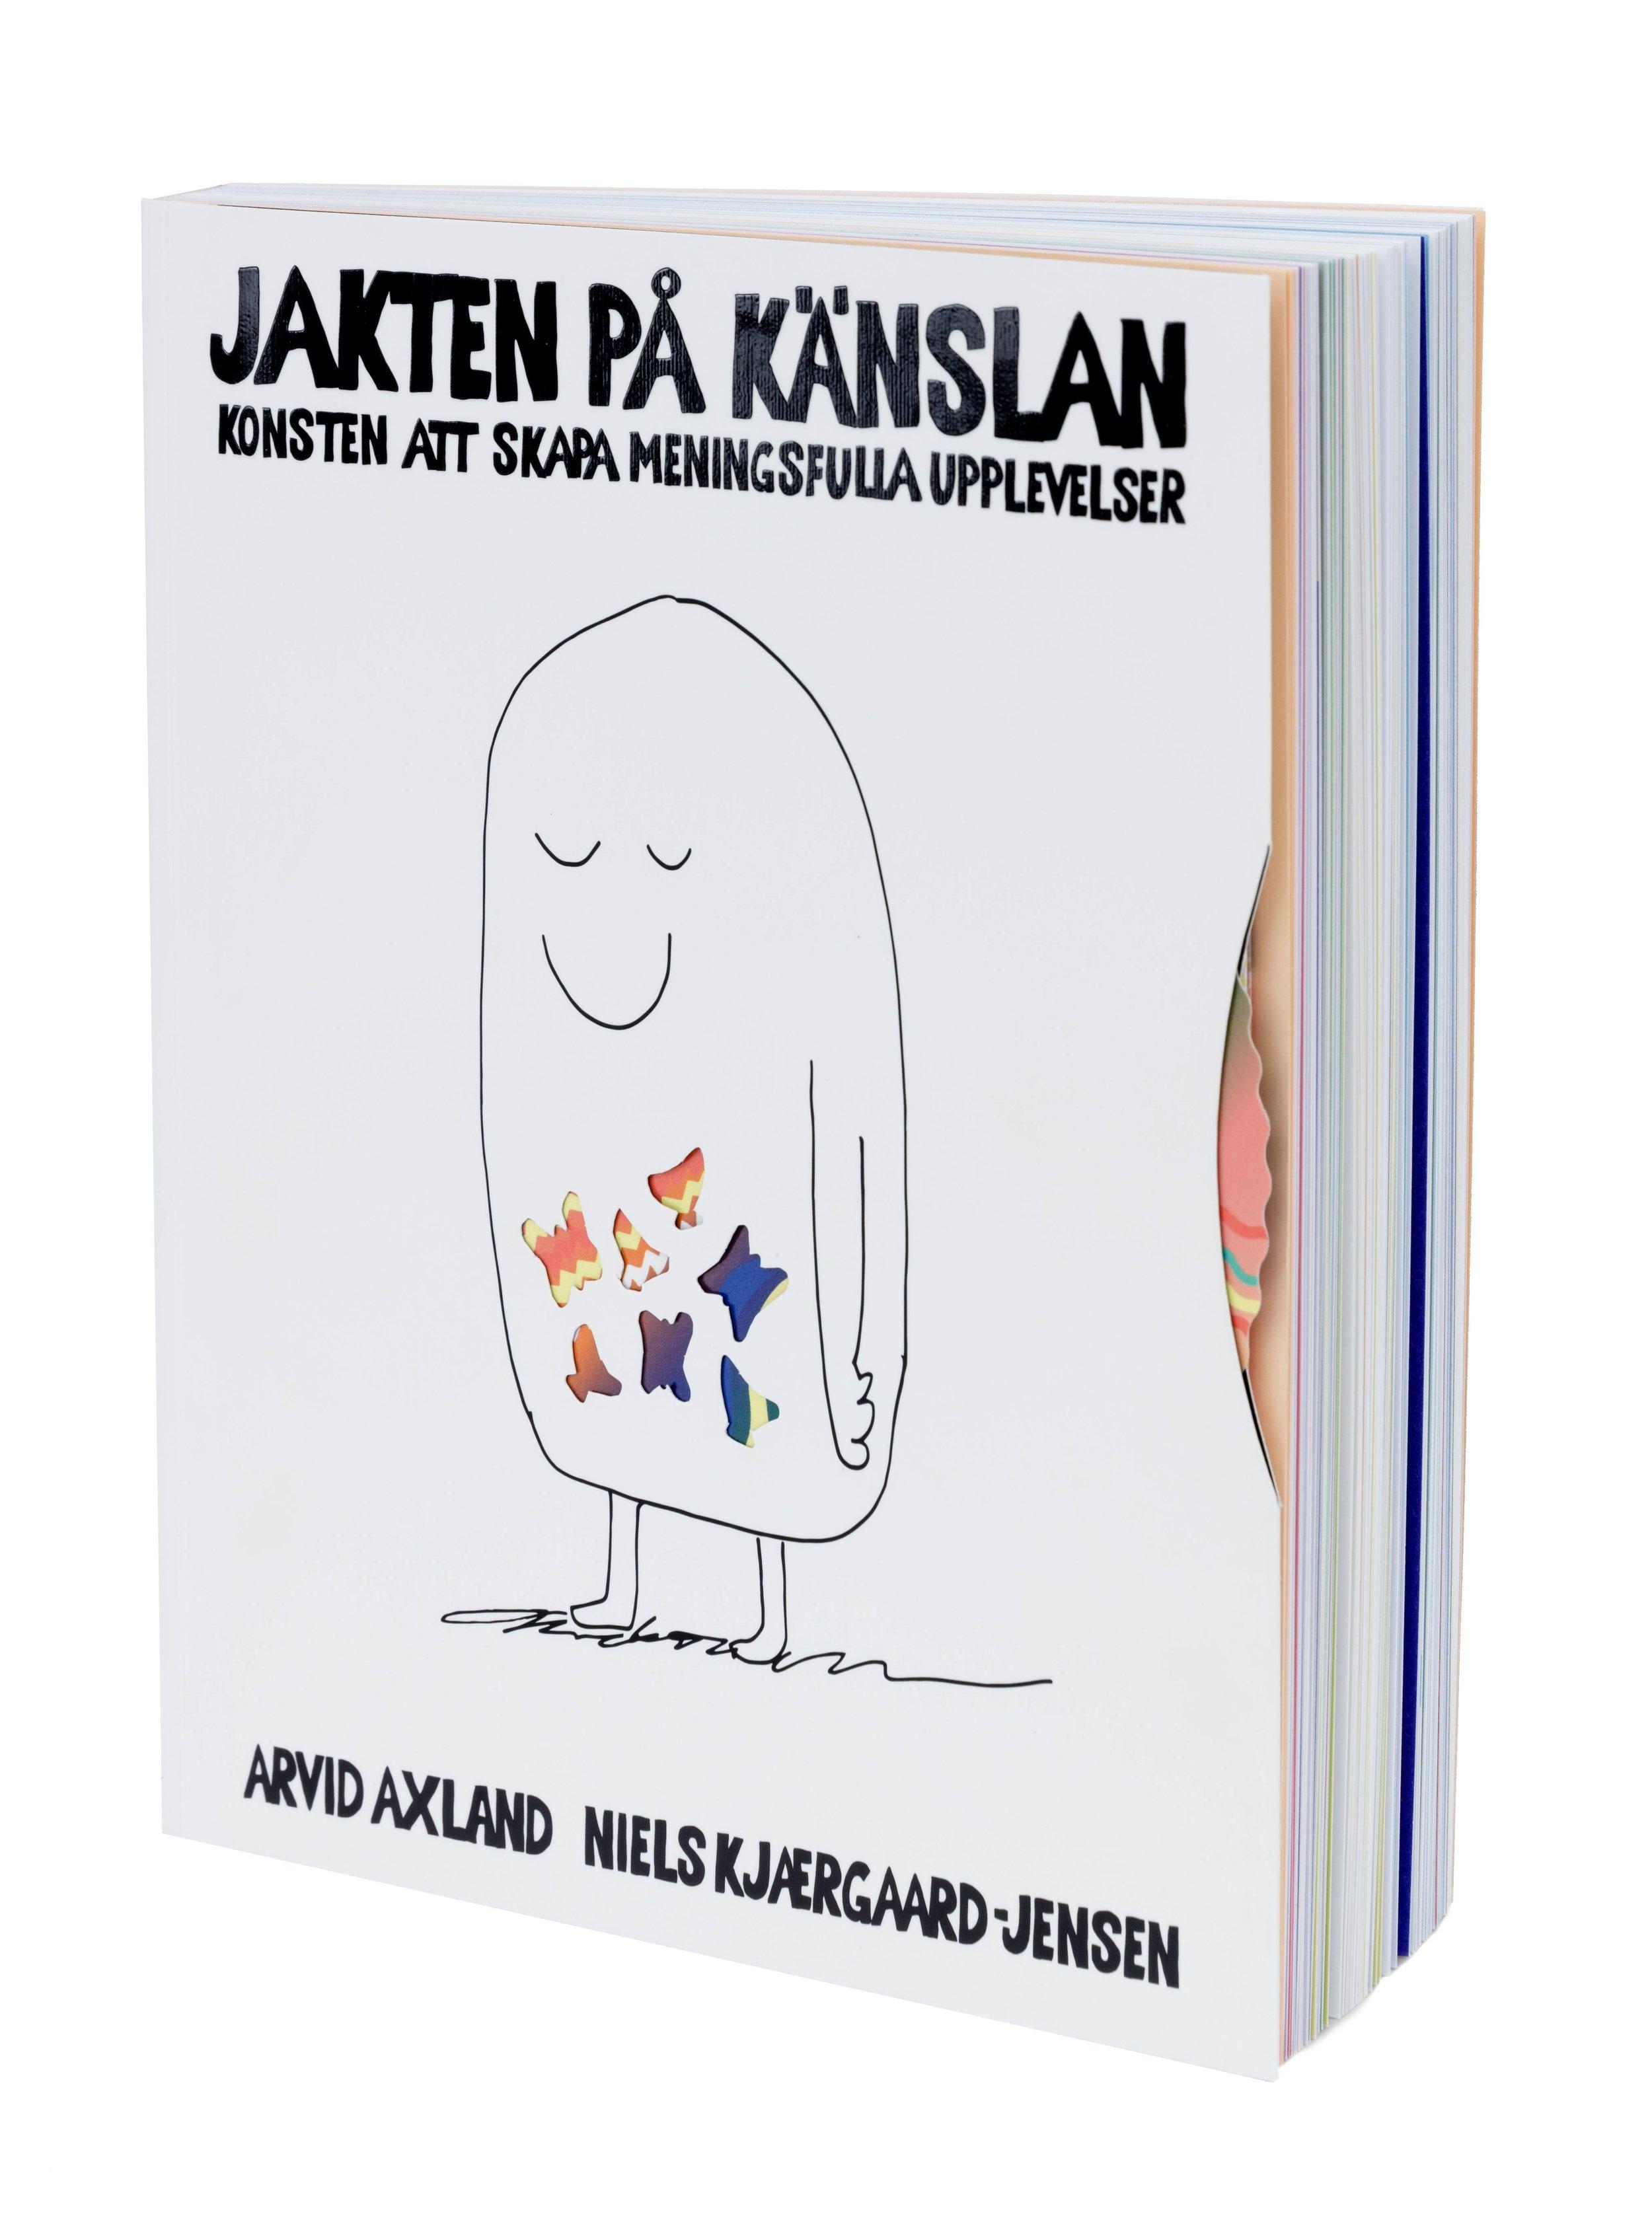 Läs mer om boken på Jaktenpåkänslan .se